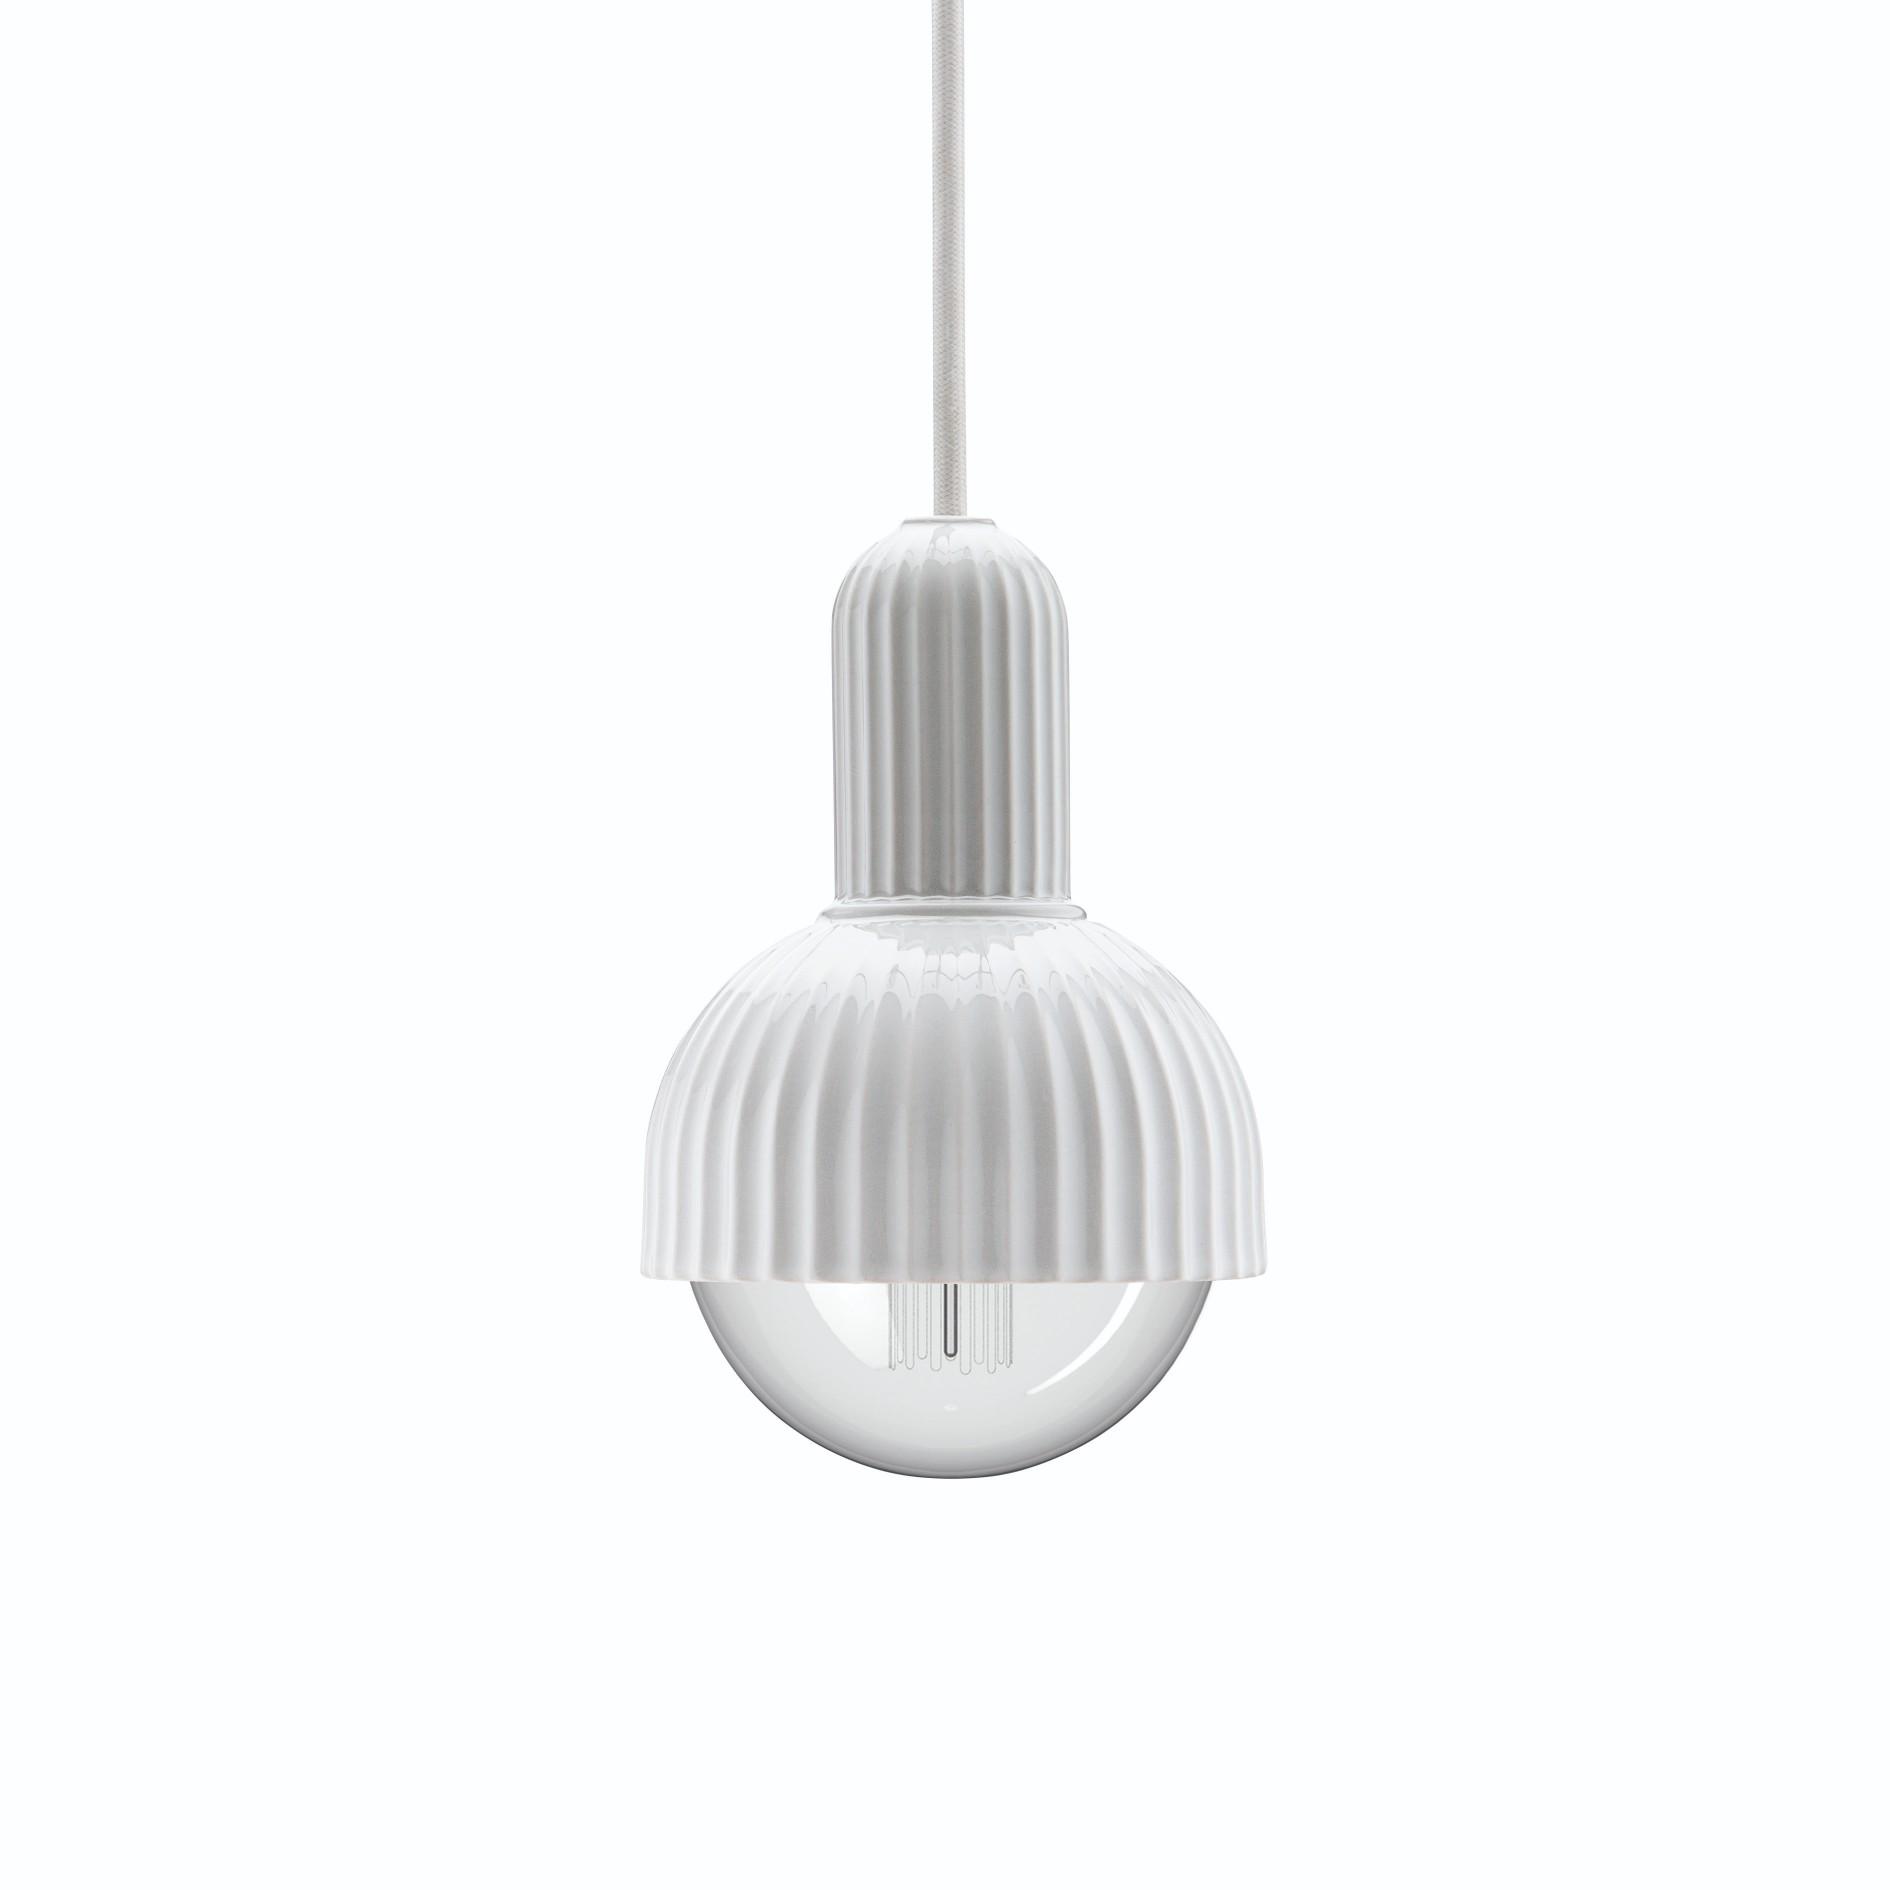 Lyngby Fitting porcelænsfatning 02, hvid